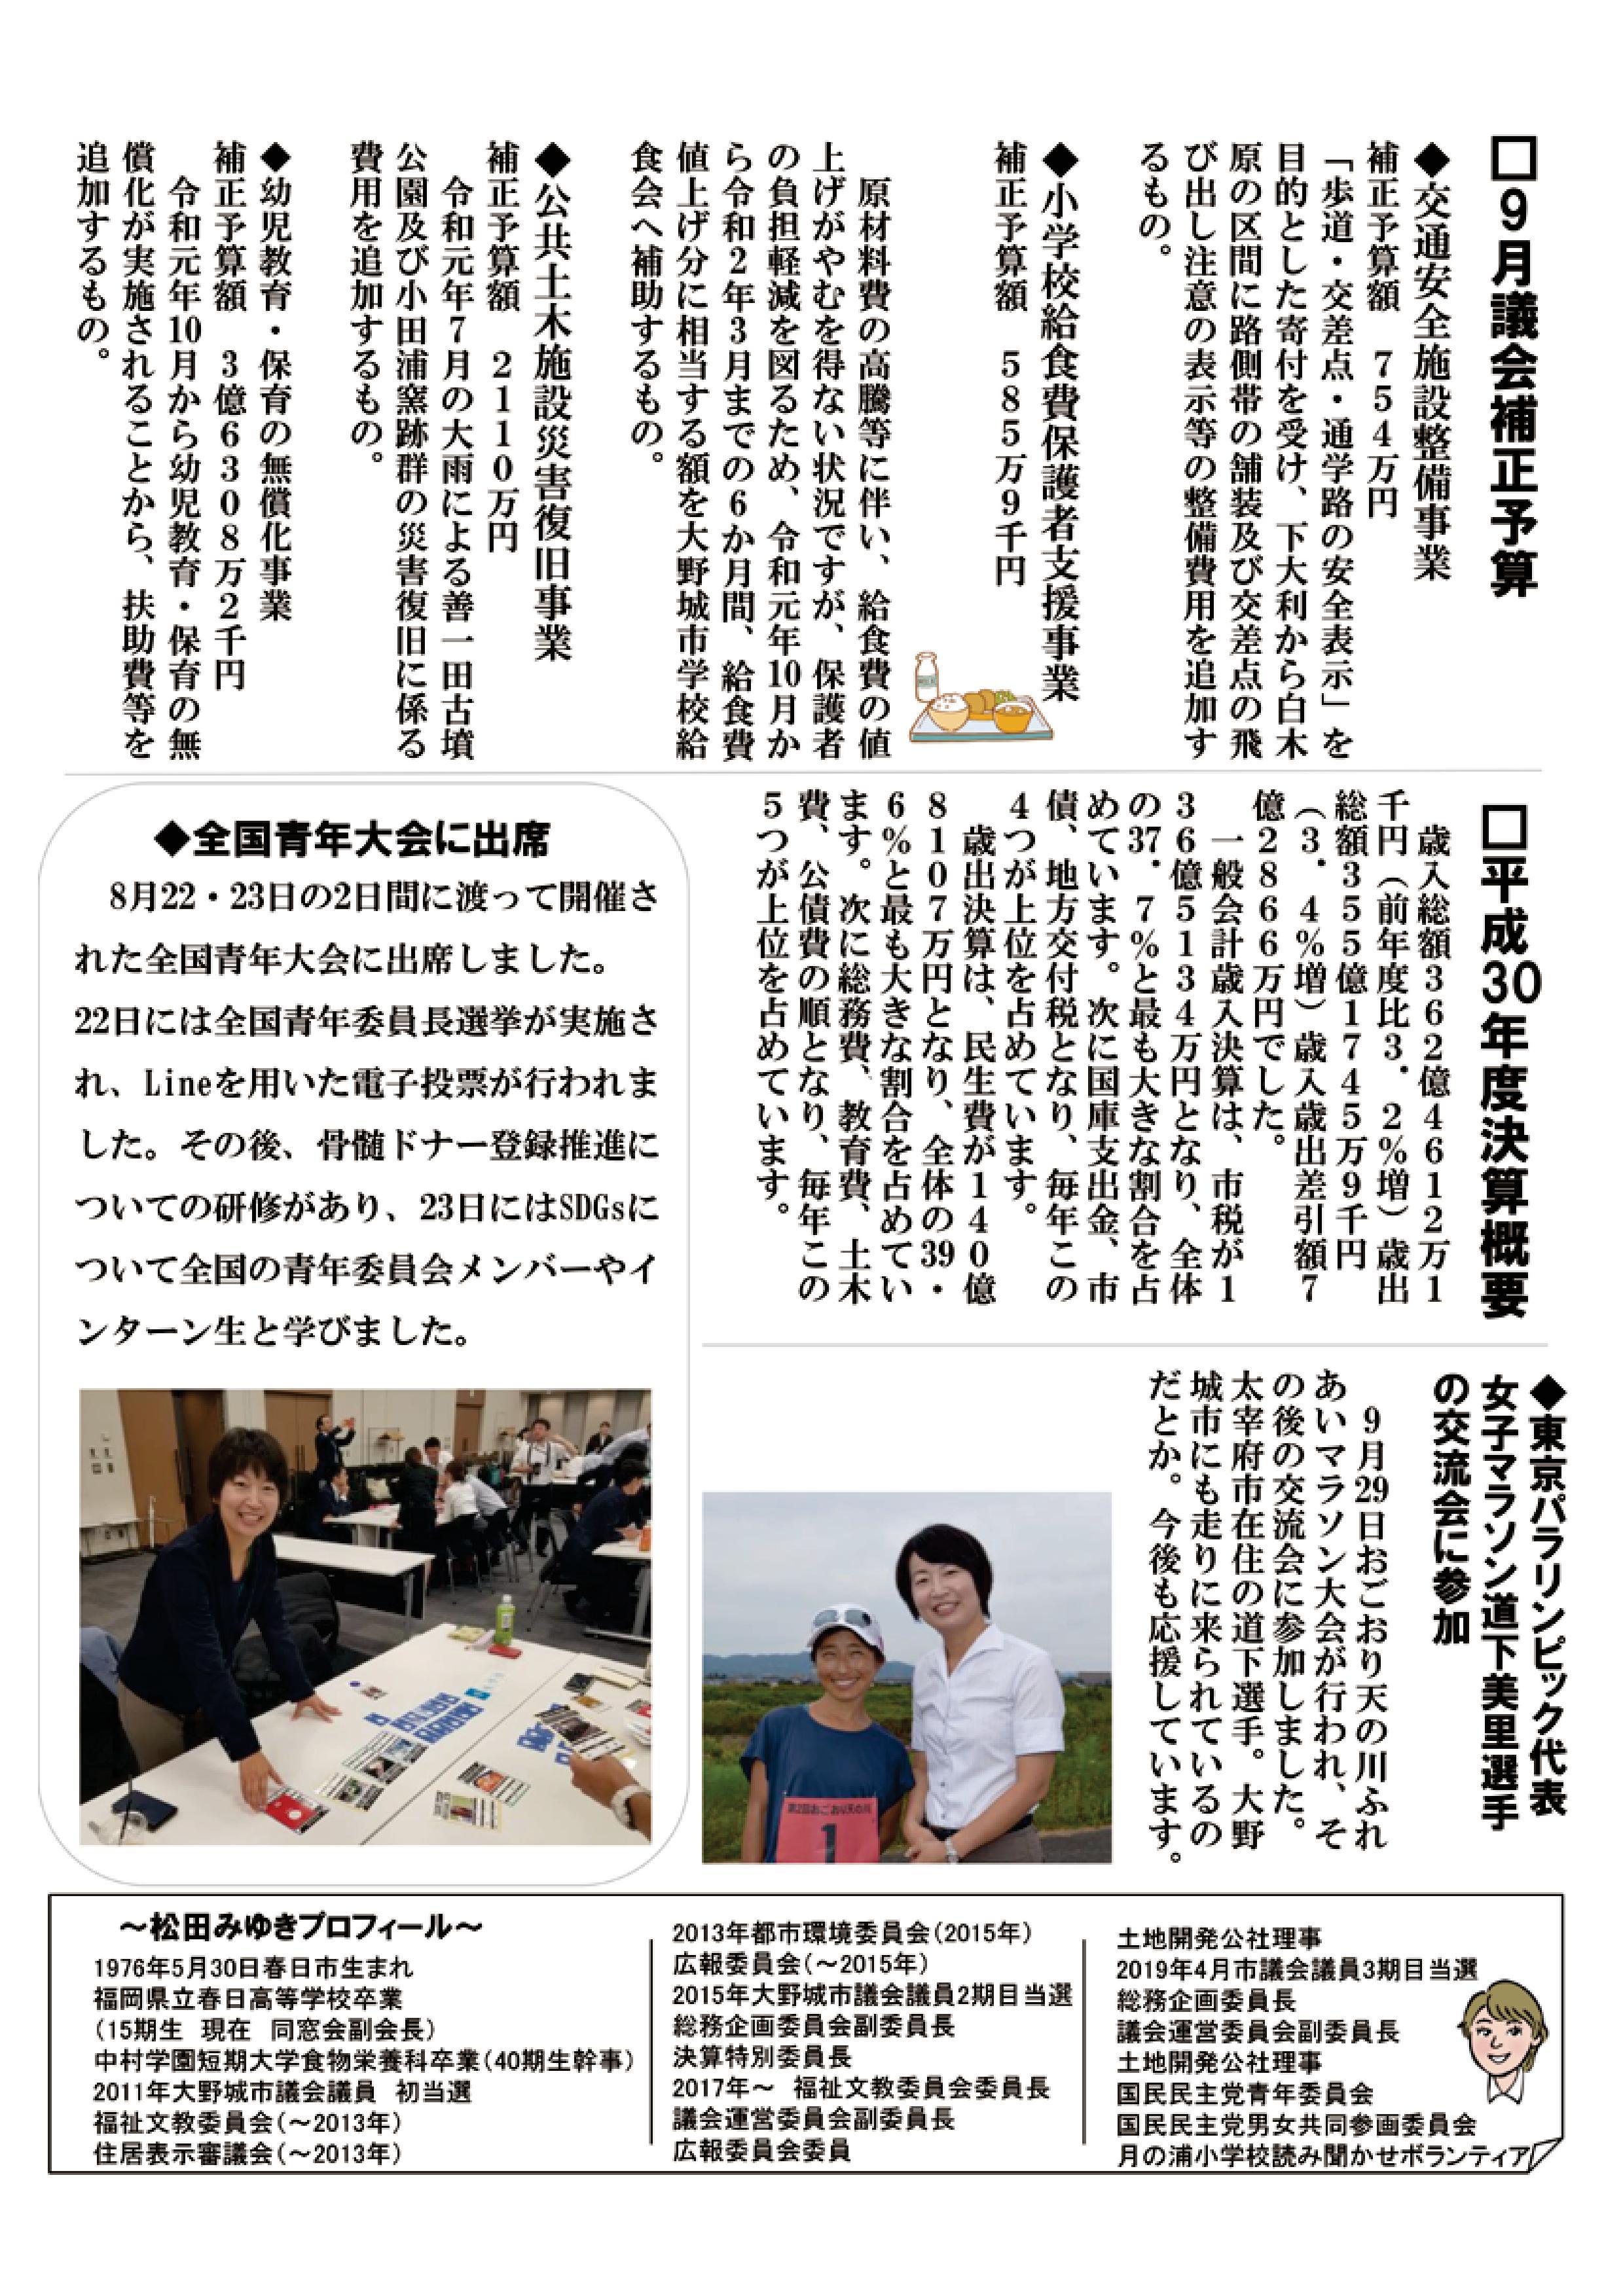 大野城市議会議員 松田みゆき 市政報告 第34号 02